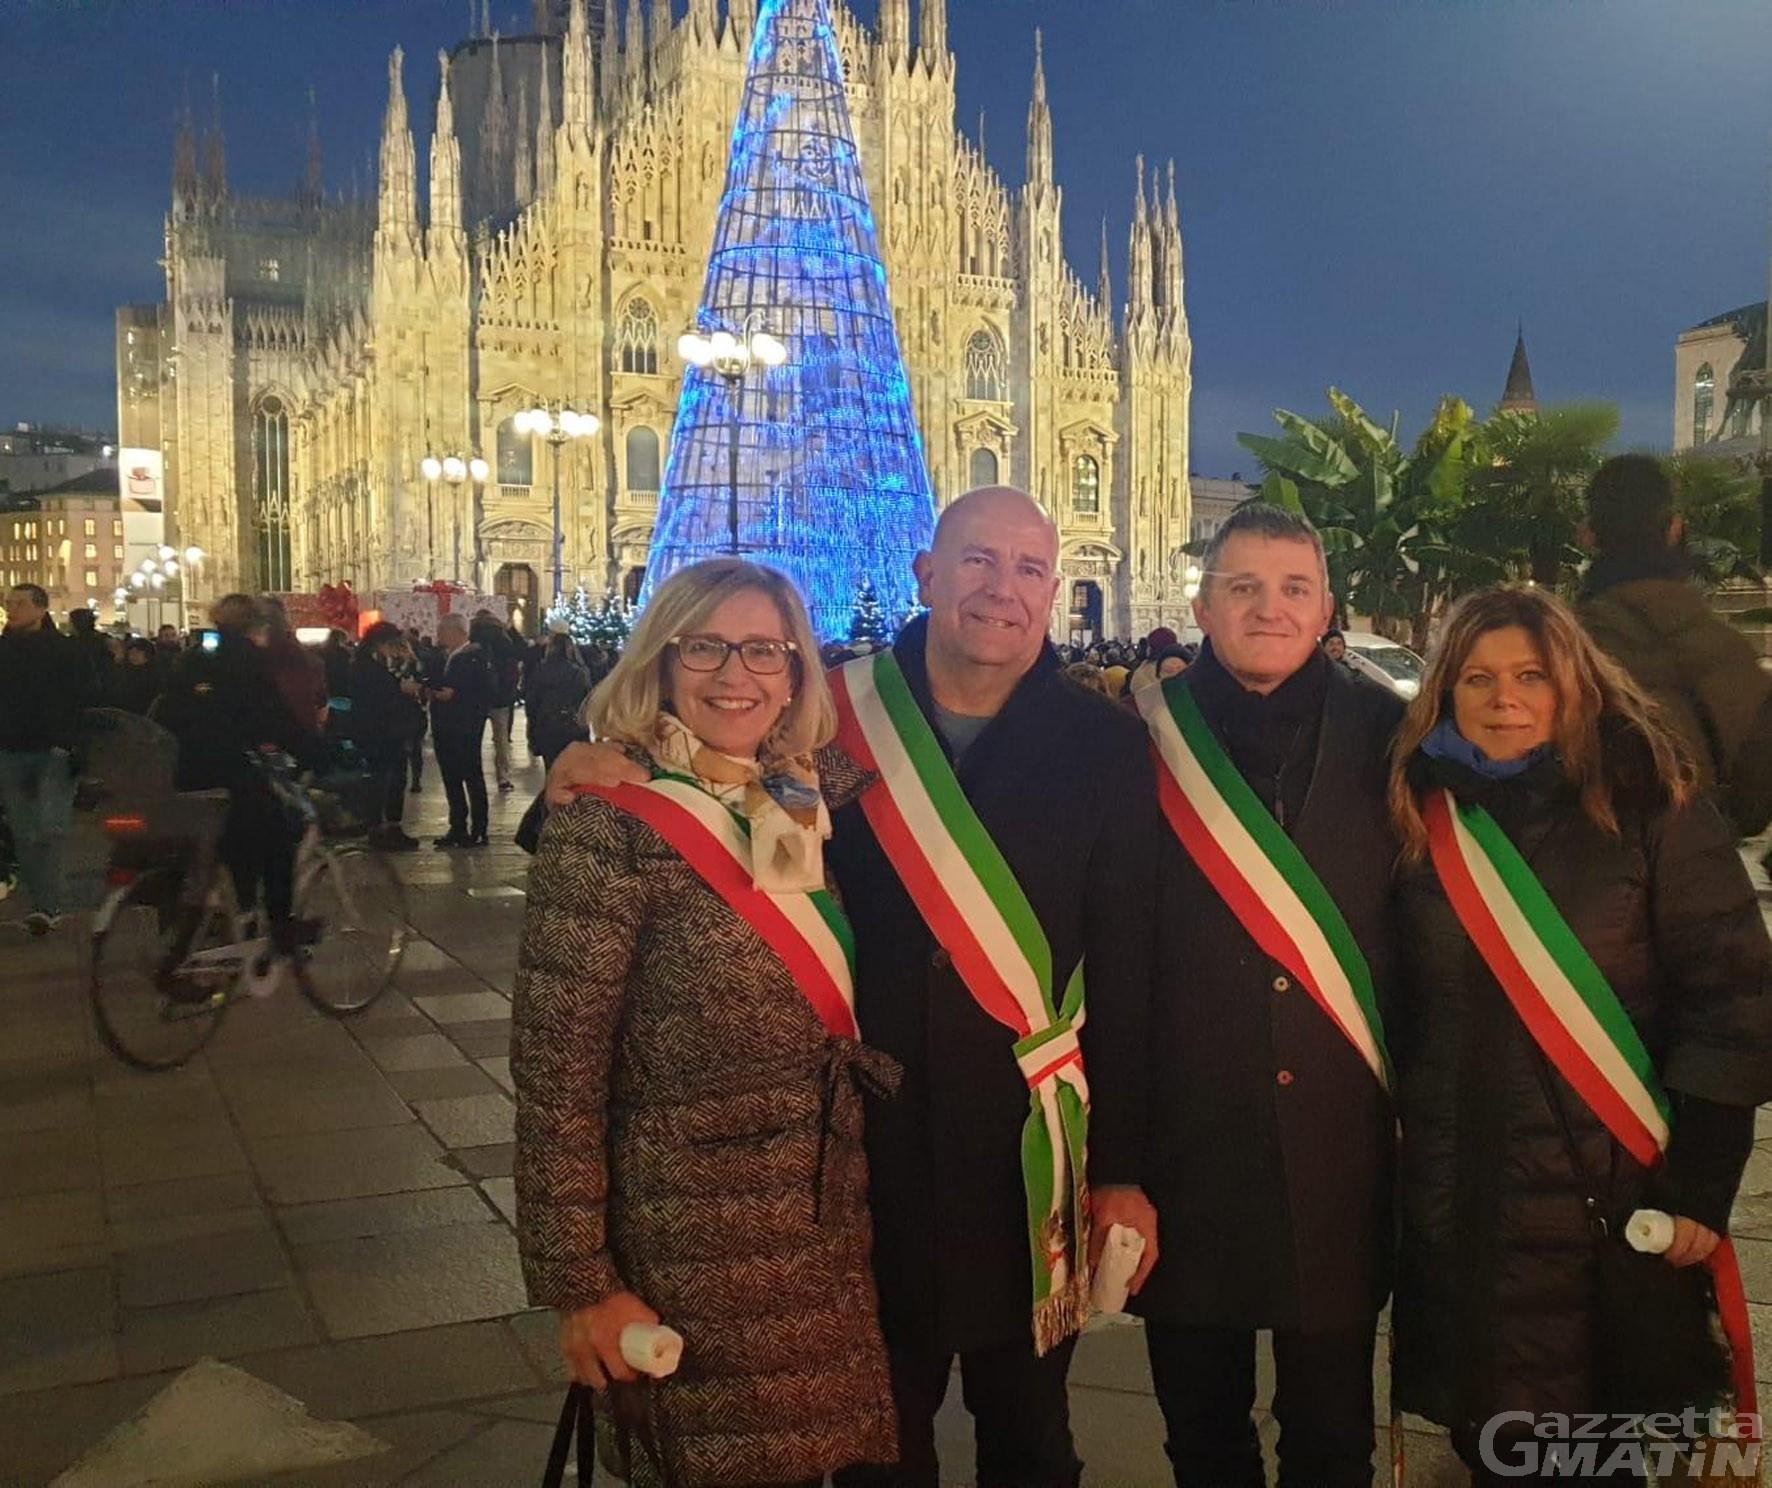 L'odio non ha futuro: in corteo a Milano anche quattro sindaci valdostani